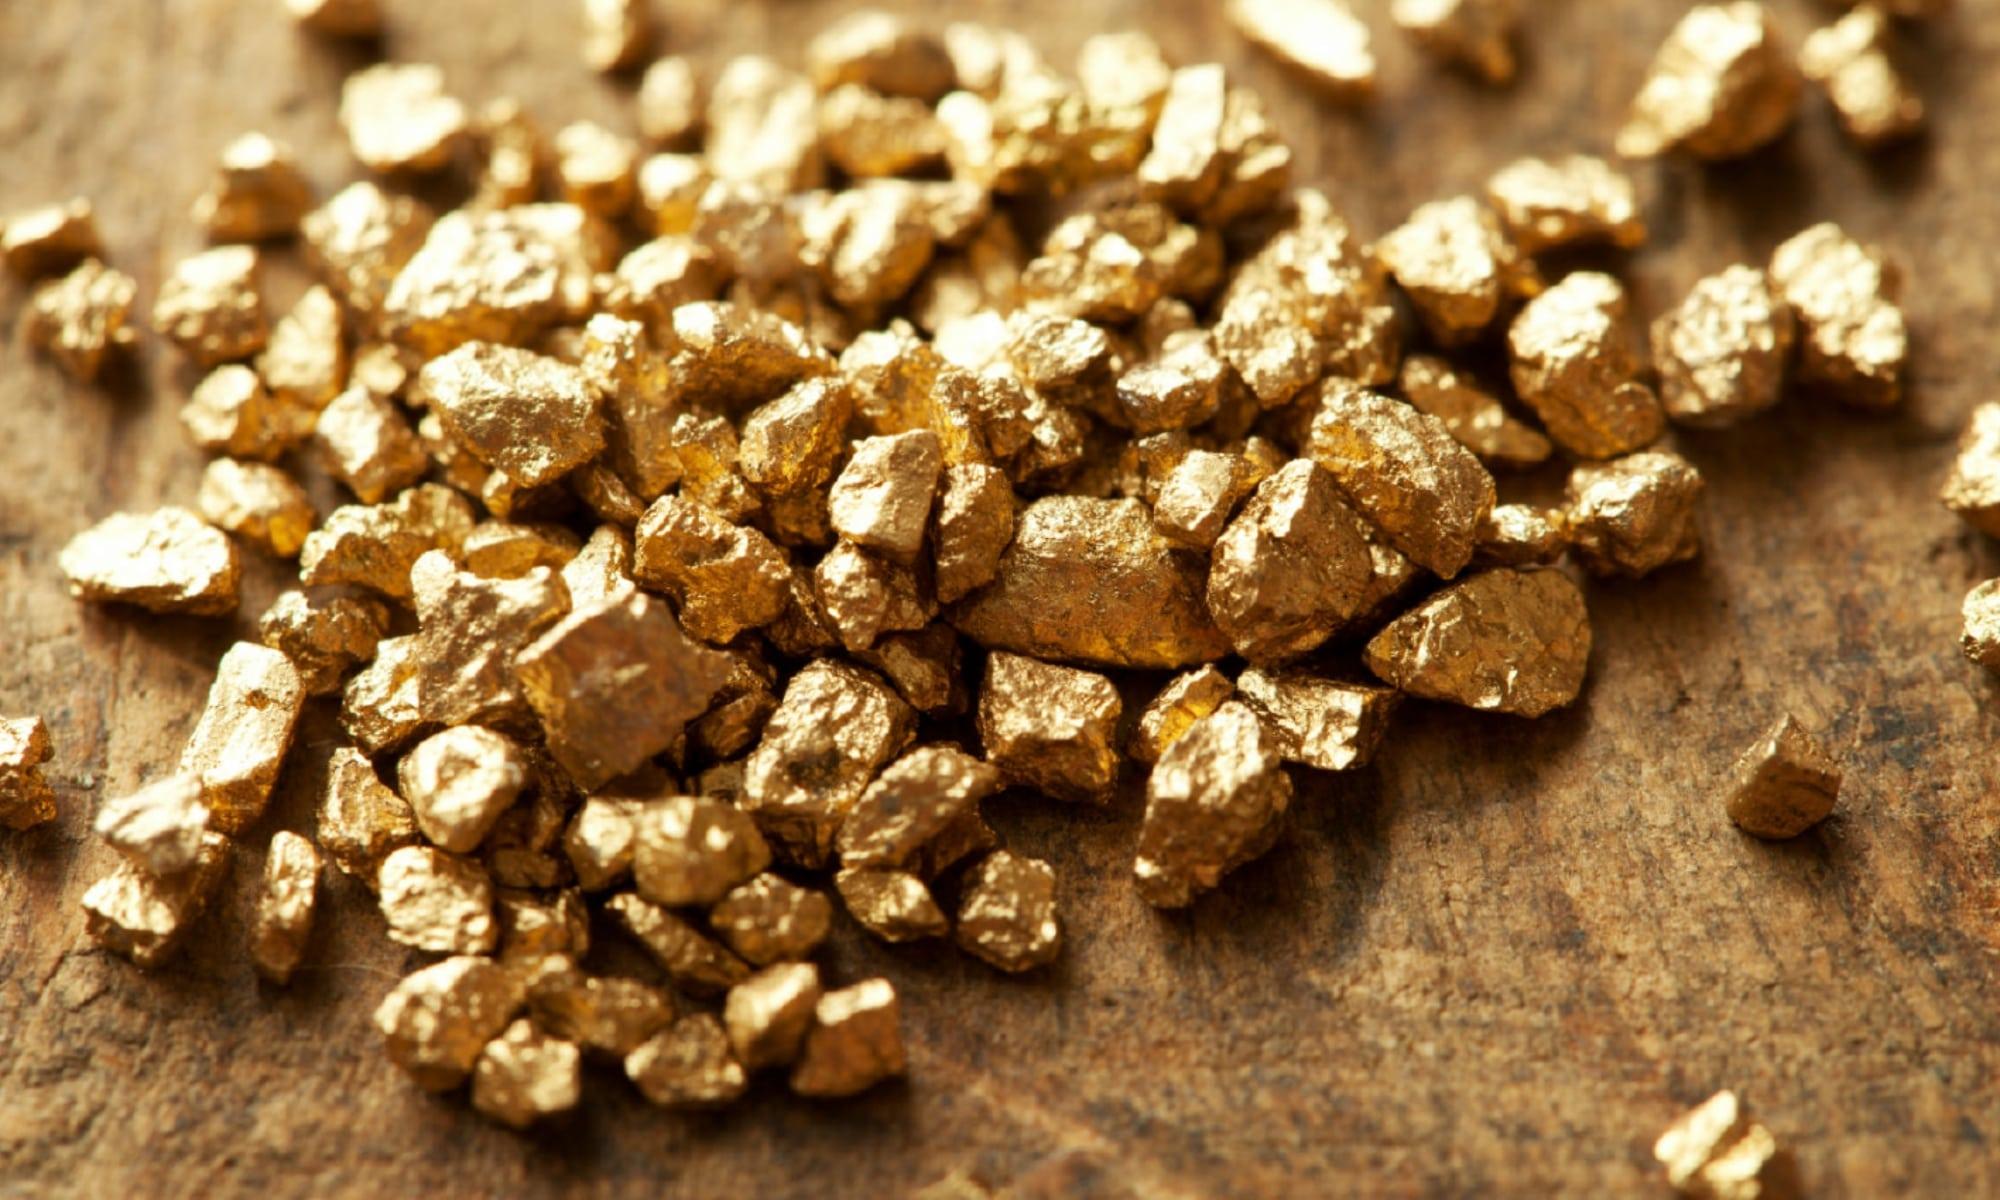 فلز طلا حاصل برخورد دو ستاره نوترونی 4.6 میلیارد سال قبل؟